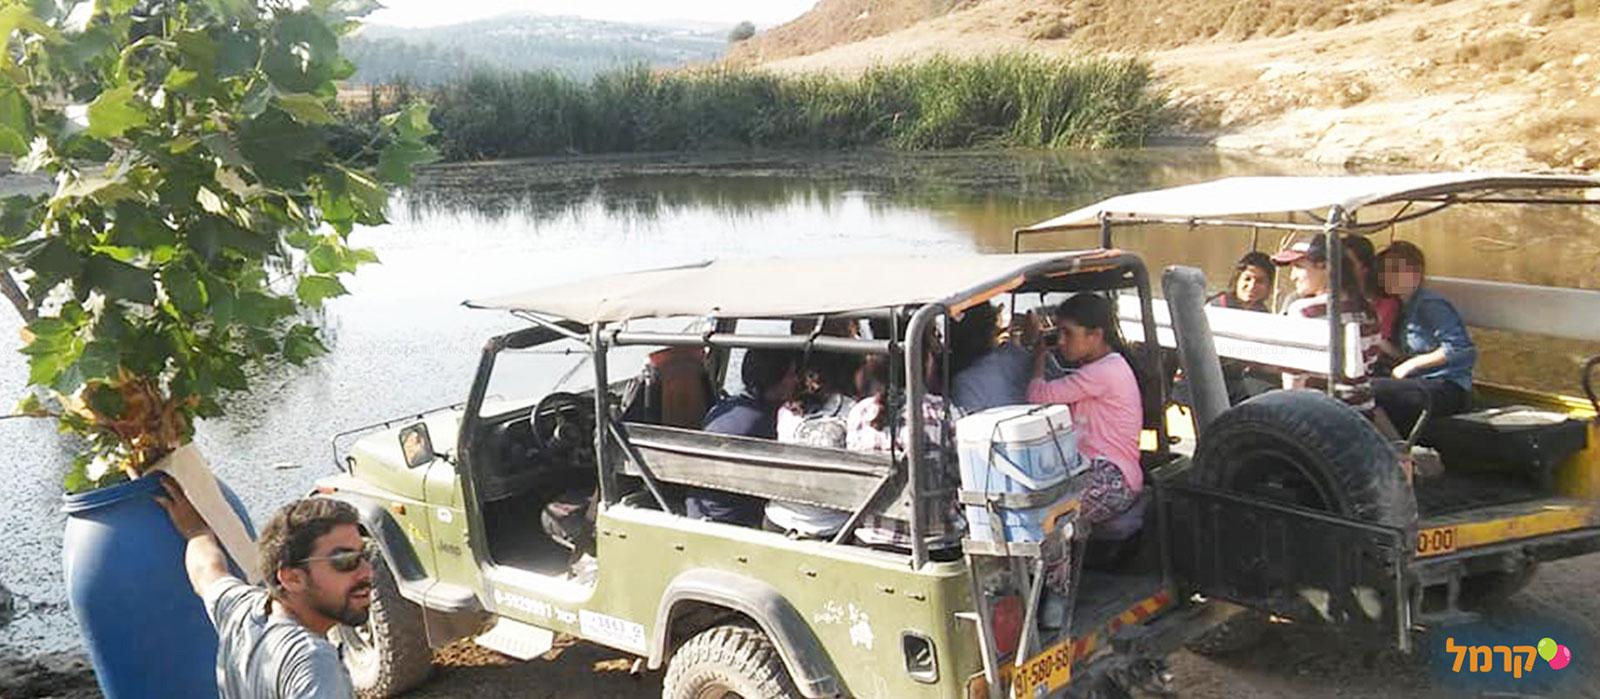 אשד הנחלים - טיולי גיפים בצפון - 073-7026396